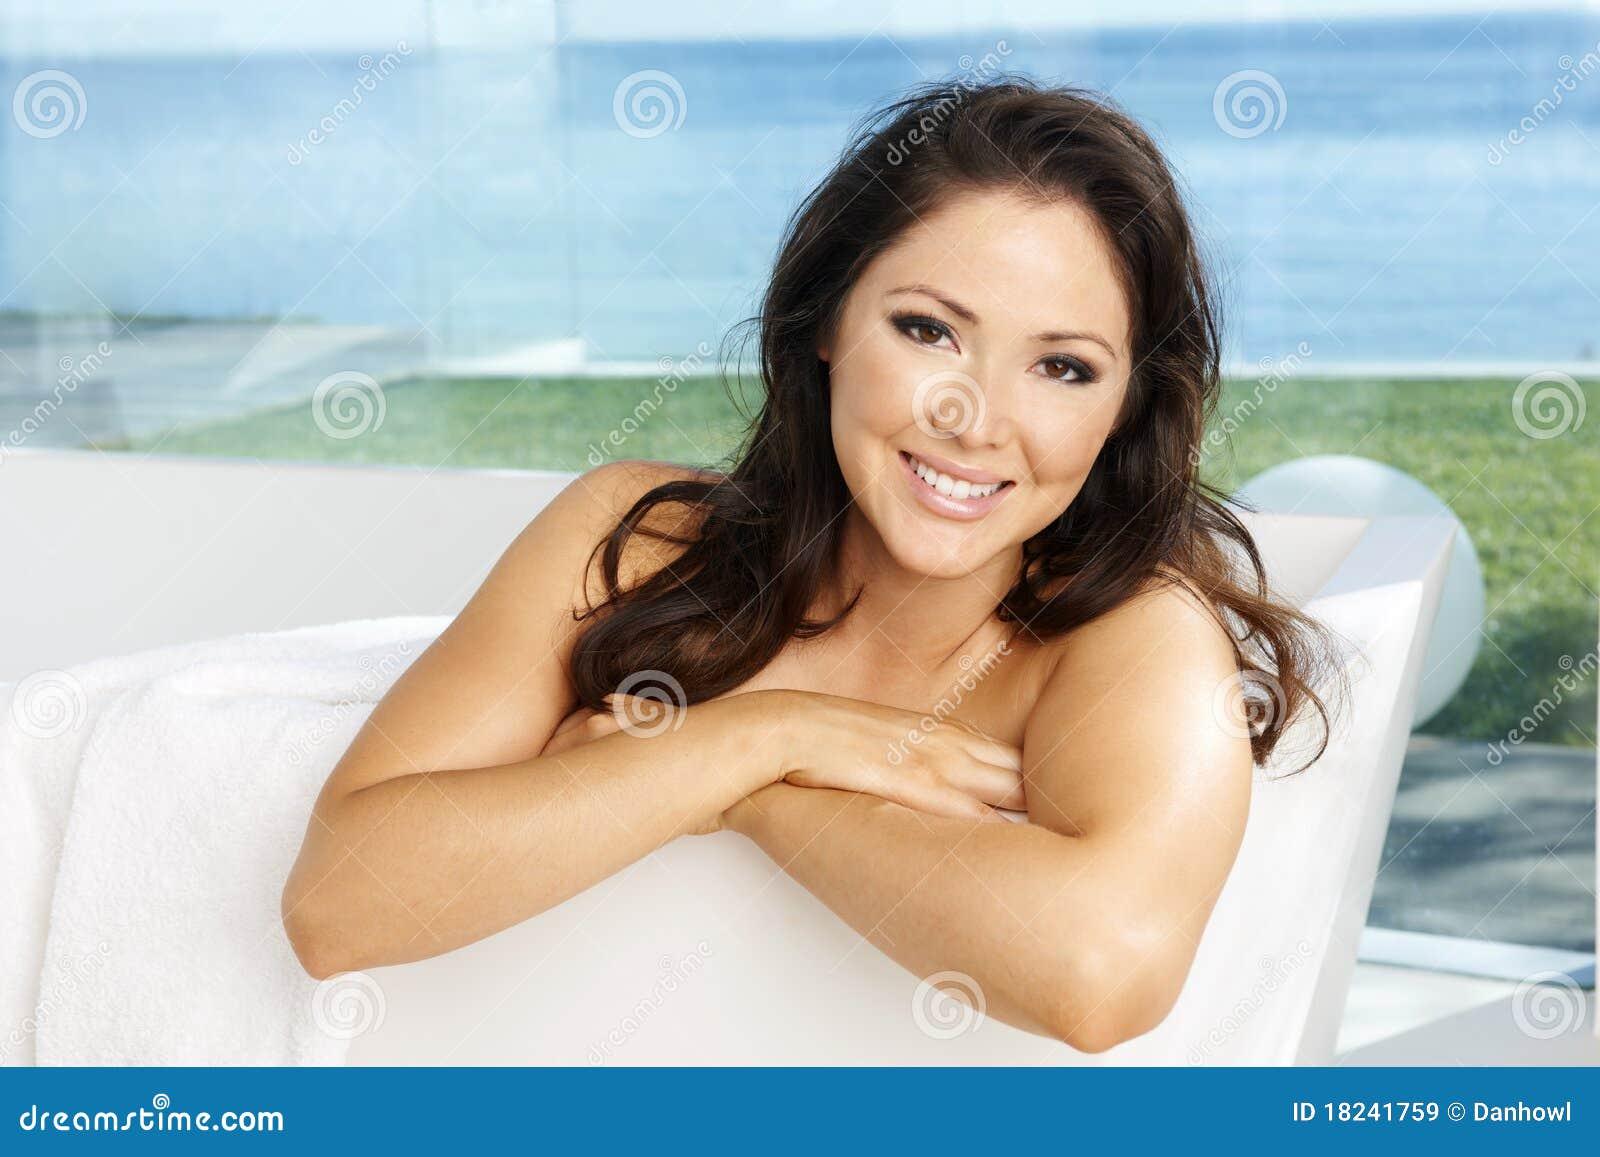 Best Model Bath Ideas - Bathroom with Bathtub Ideas - gigasil.com